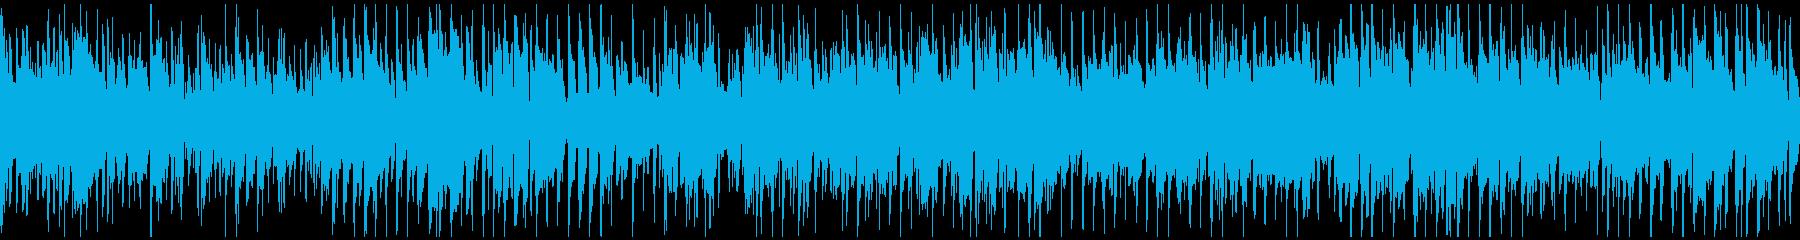 都会的なサックスのクラブジャズ※ループ版の再生済みの波形